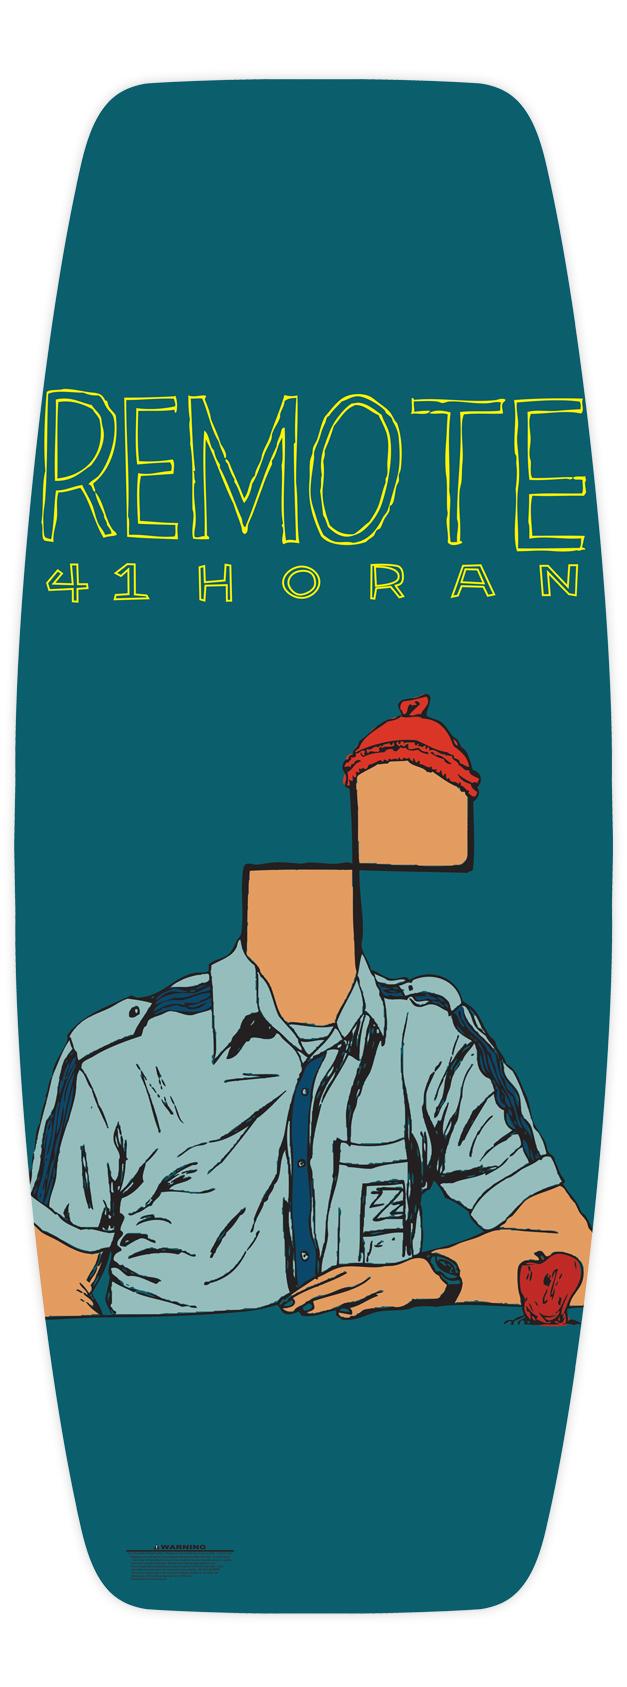 Horan.jpg